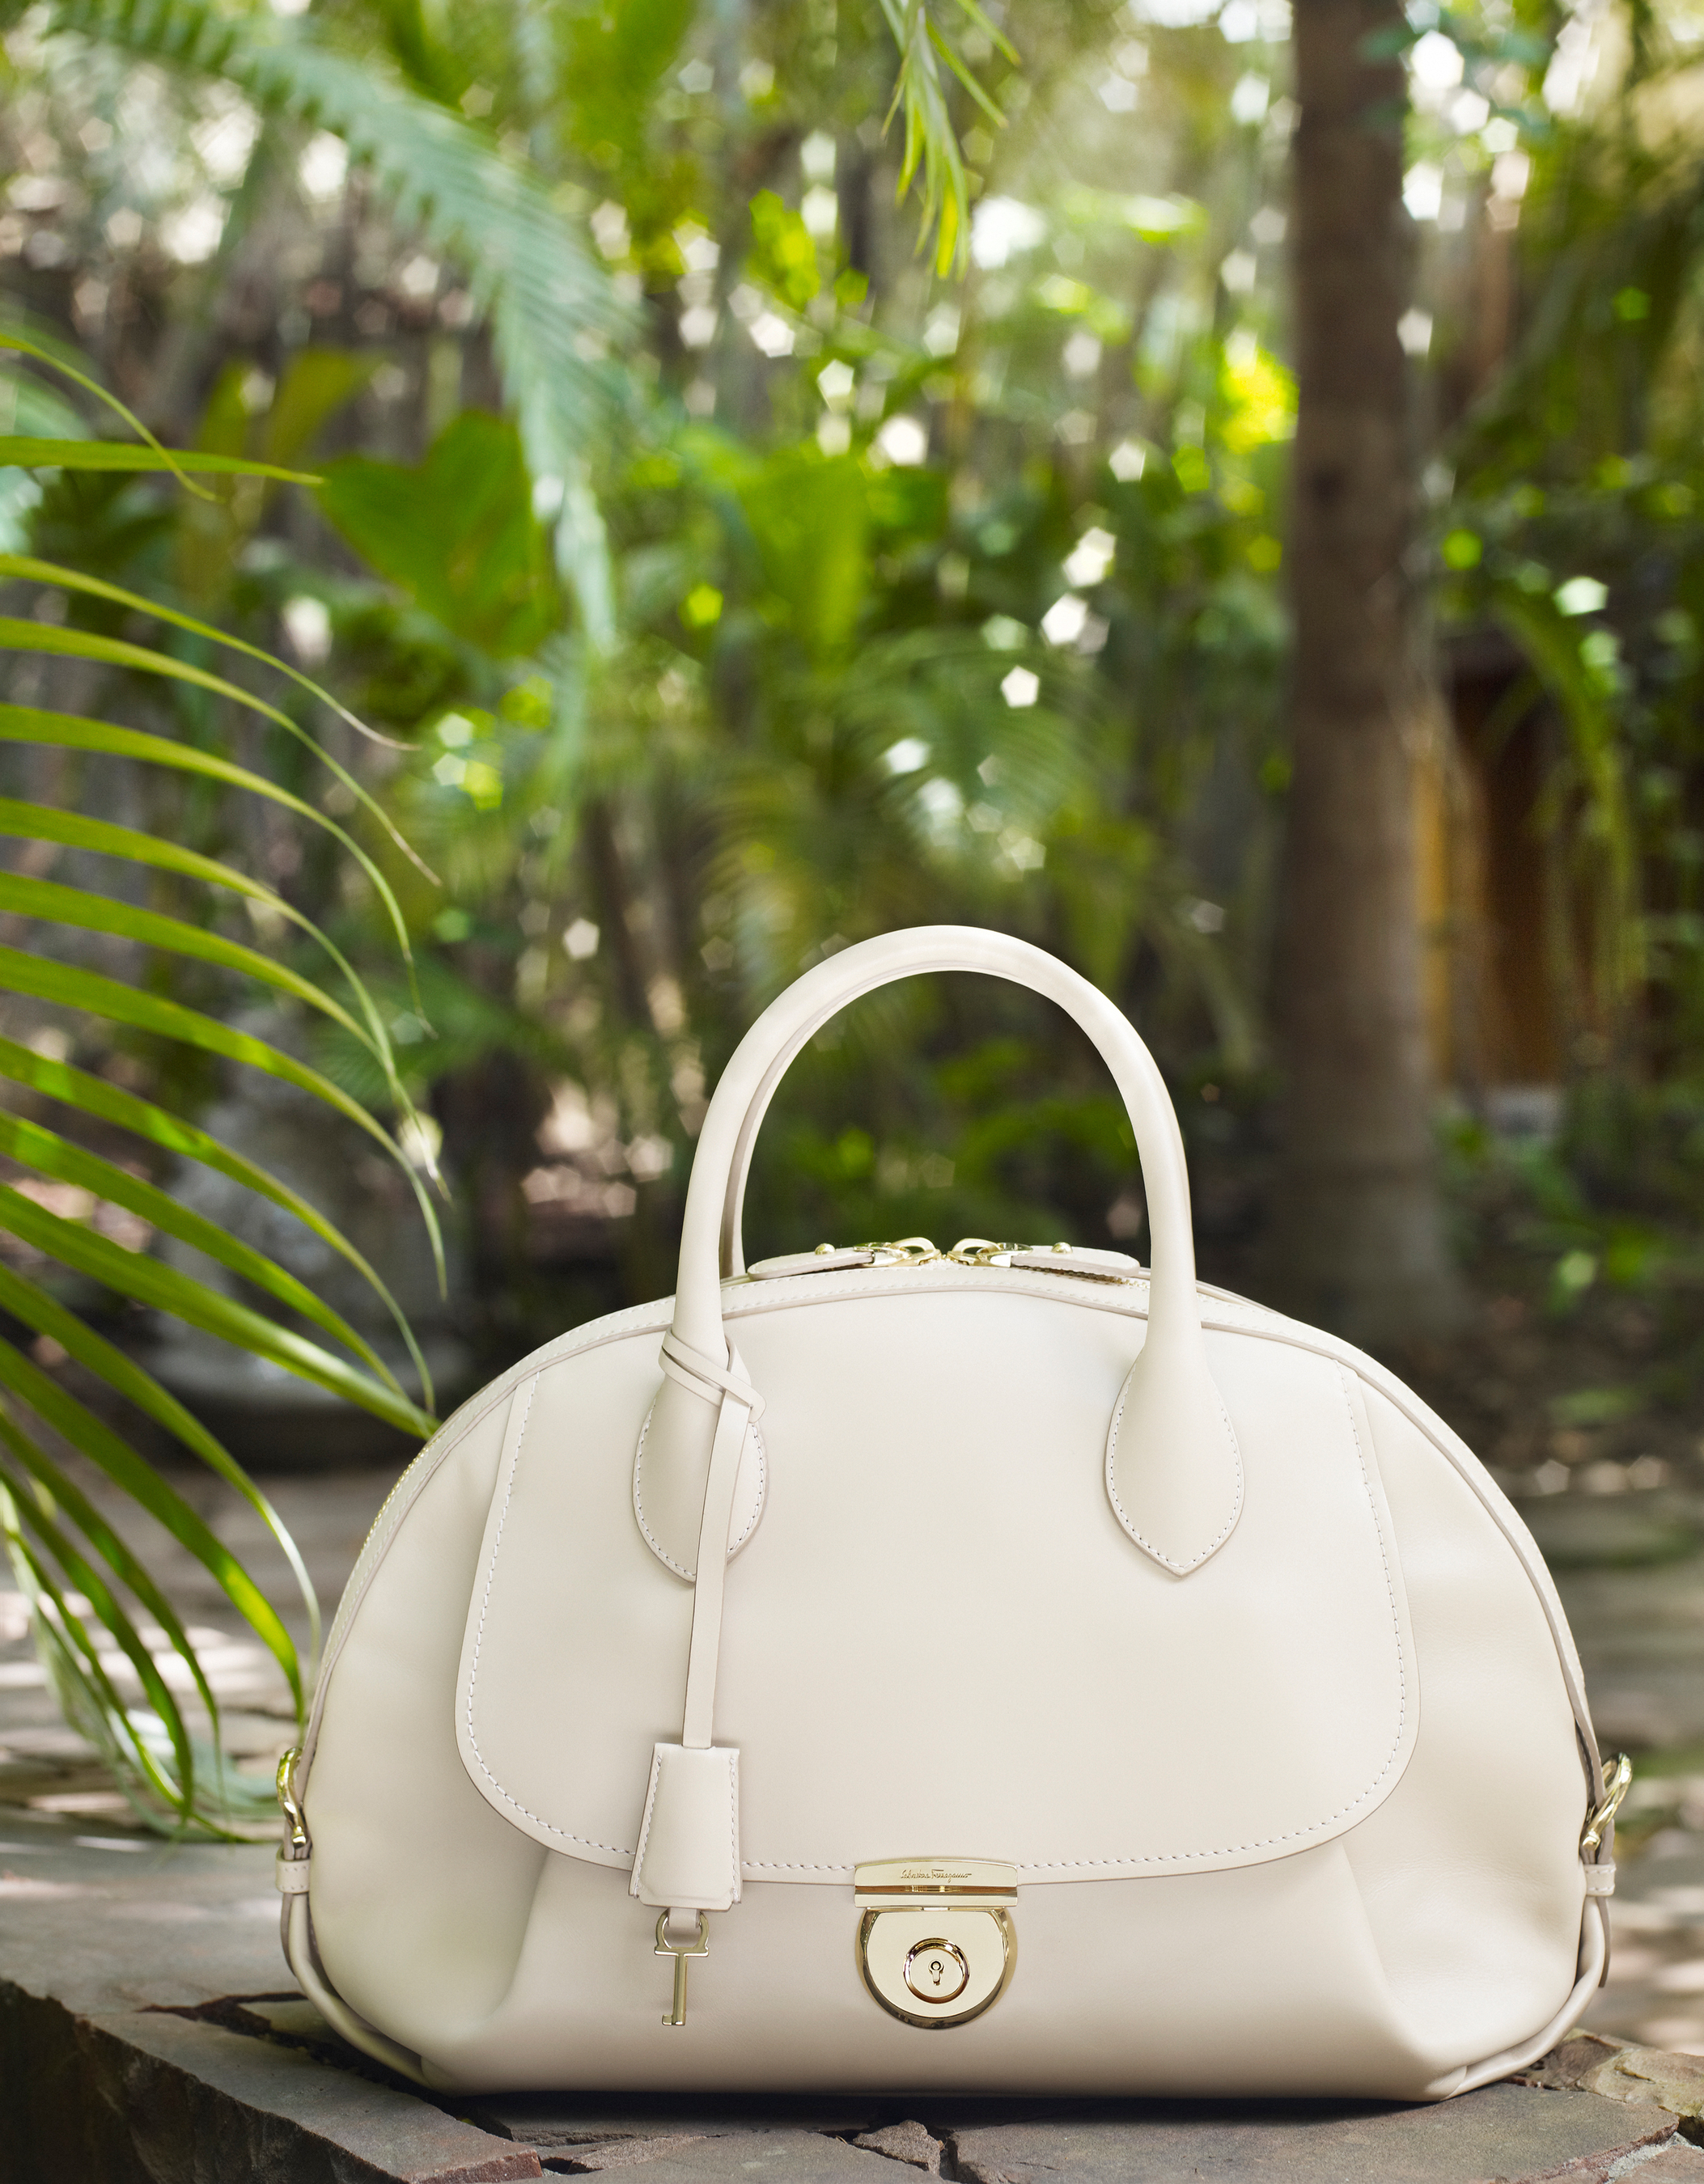 Ferragamo Debuts New Handbag Collection FIAMMA